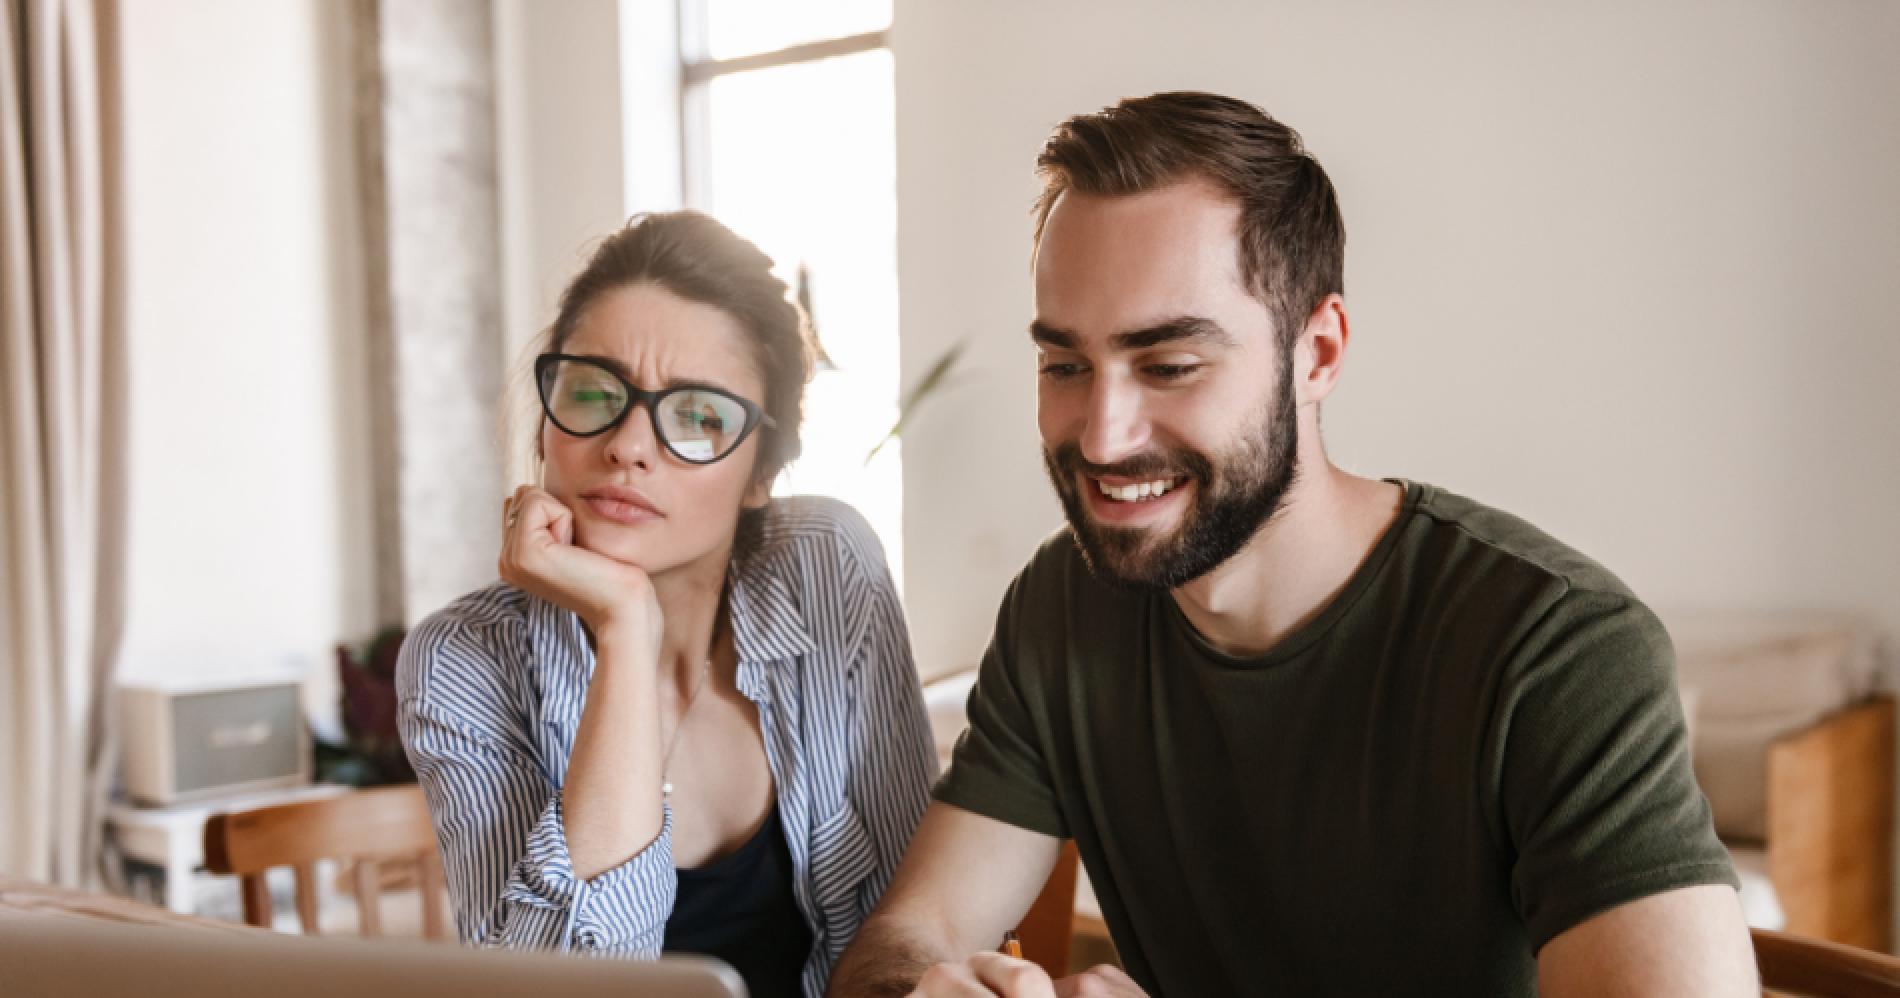 Suka dan Duka Membangun Bisnis Bersama Pasangan Illustration Web Bisnis Muda - Canva